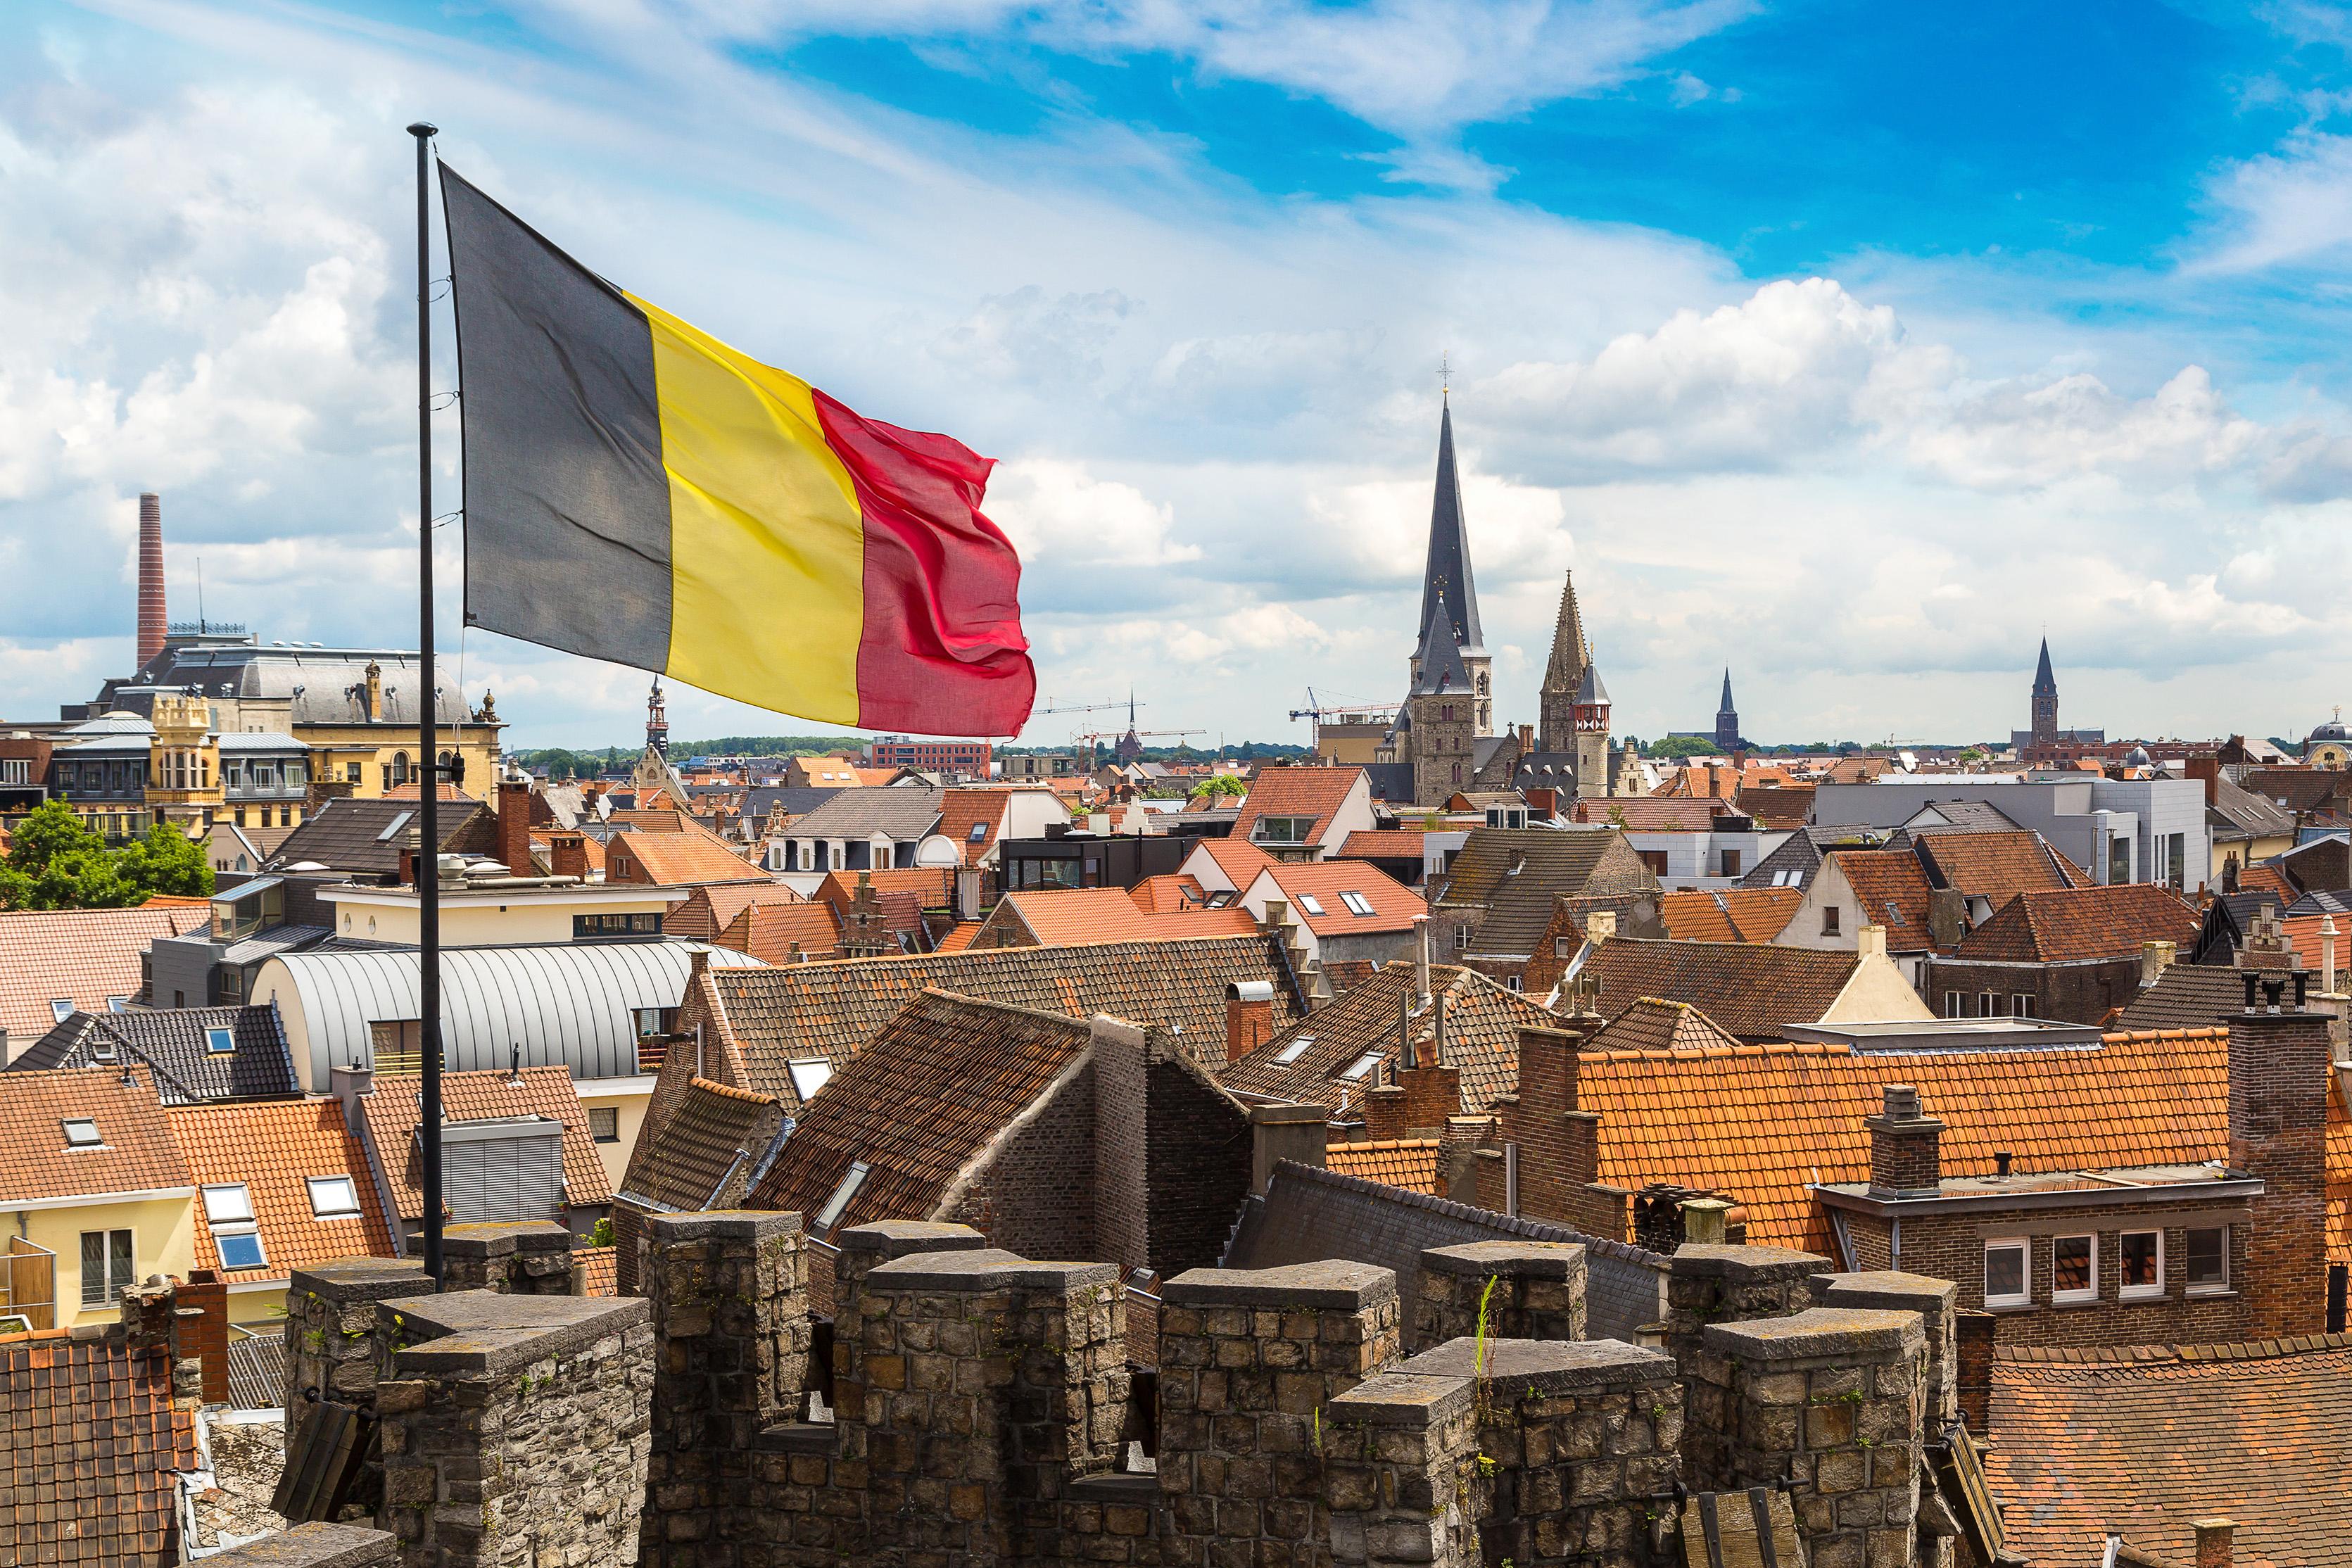 Город Гент и флаг Бельгии, ПМЖ которой могут получить иностранцы